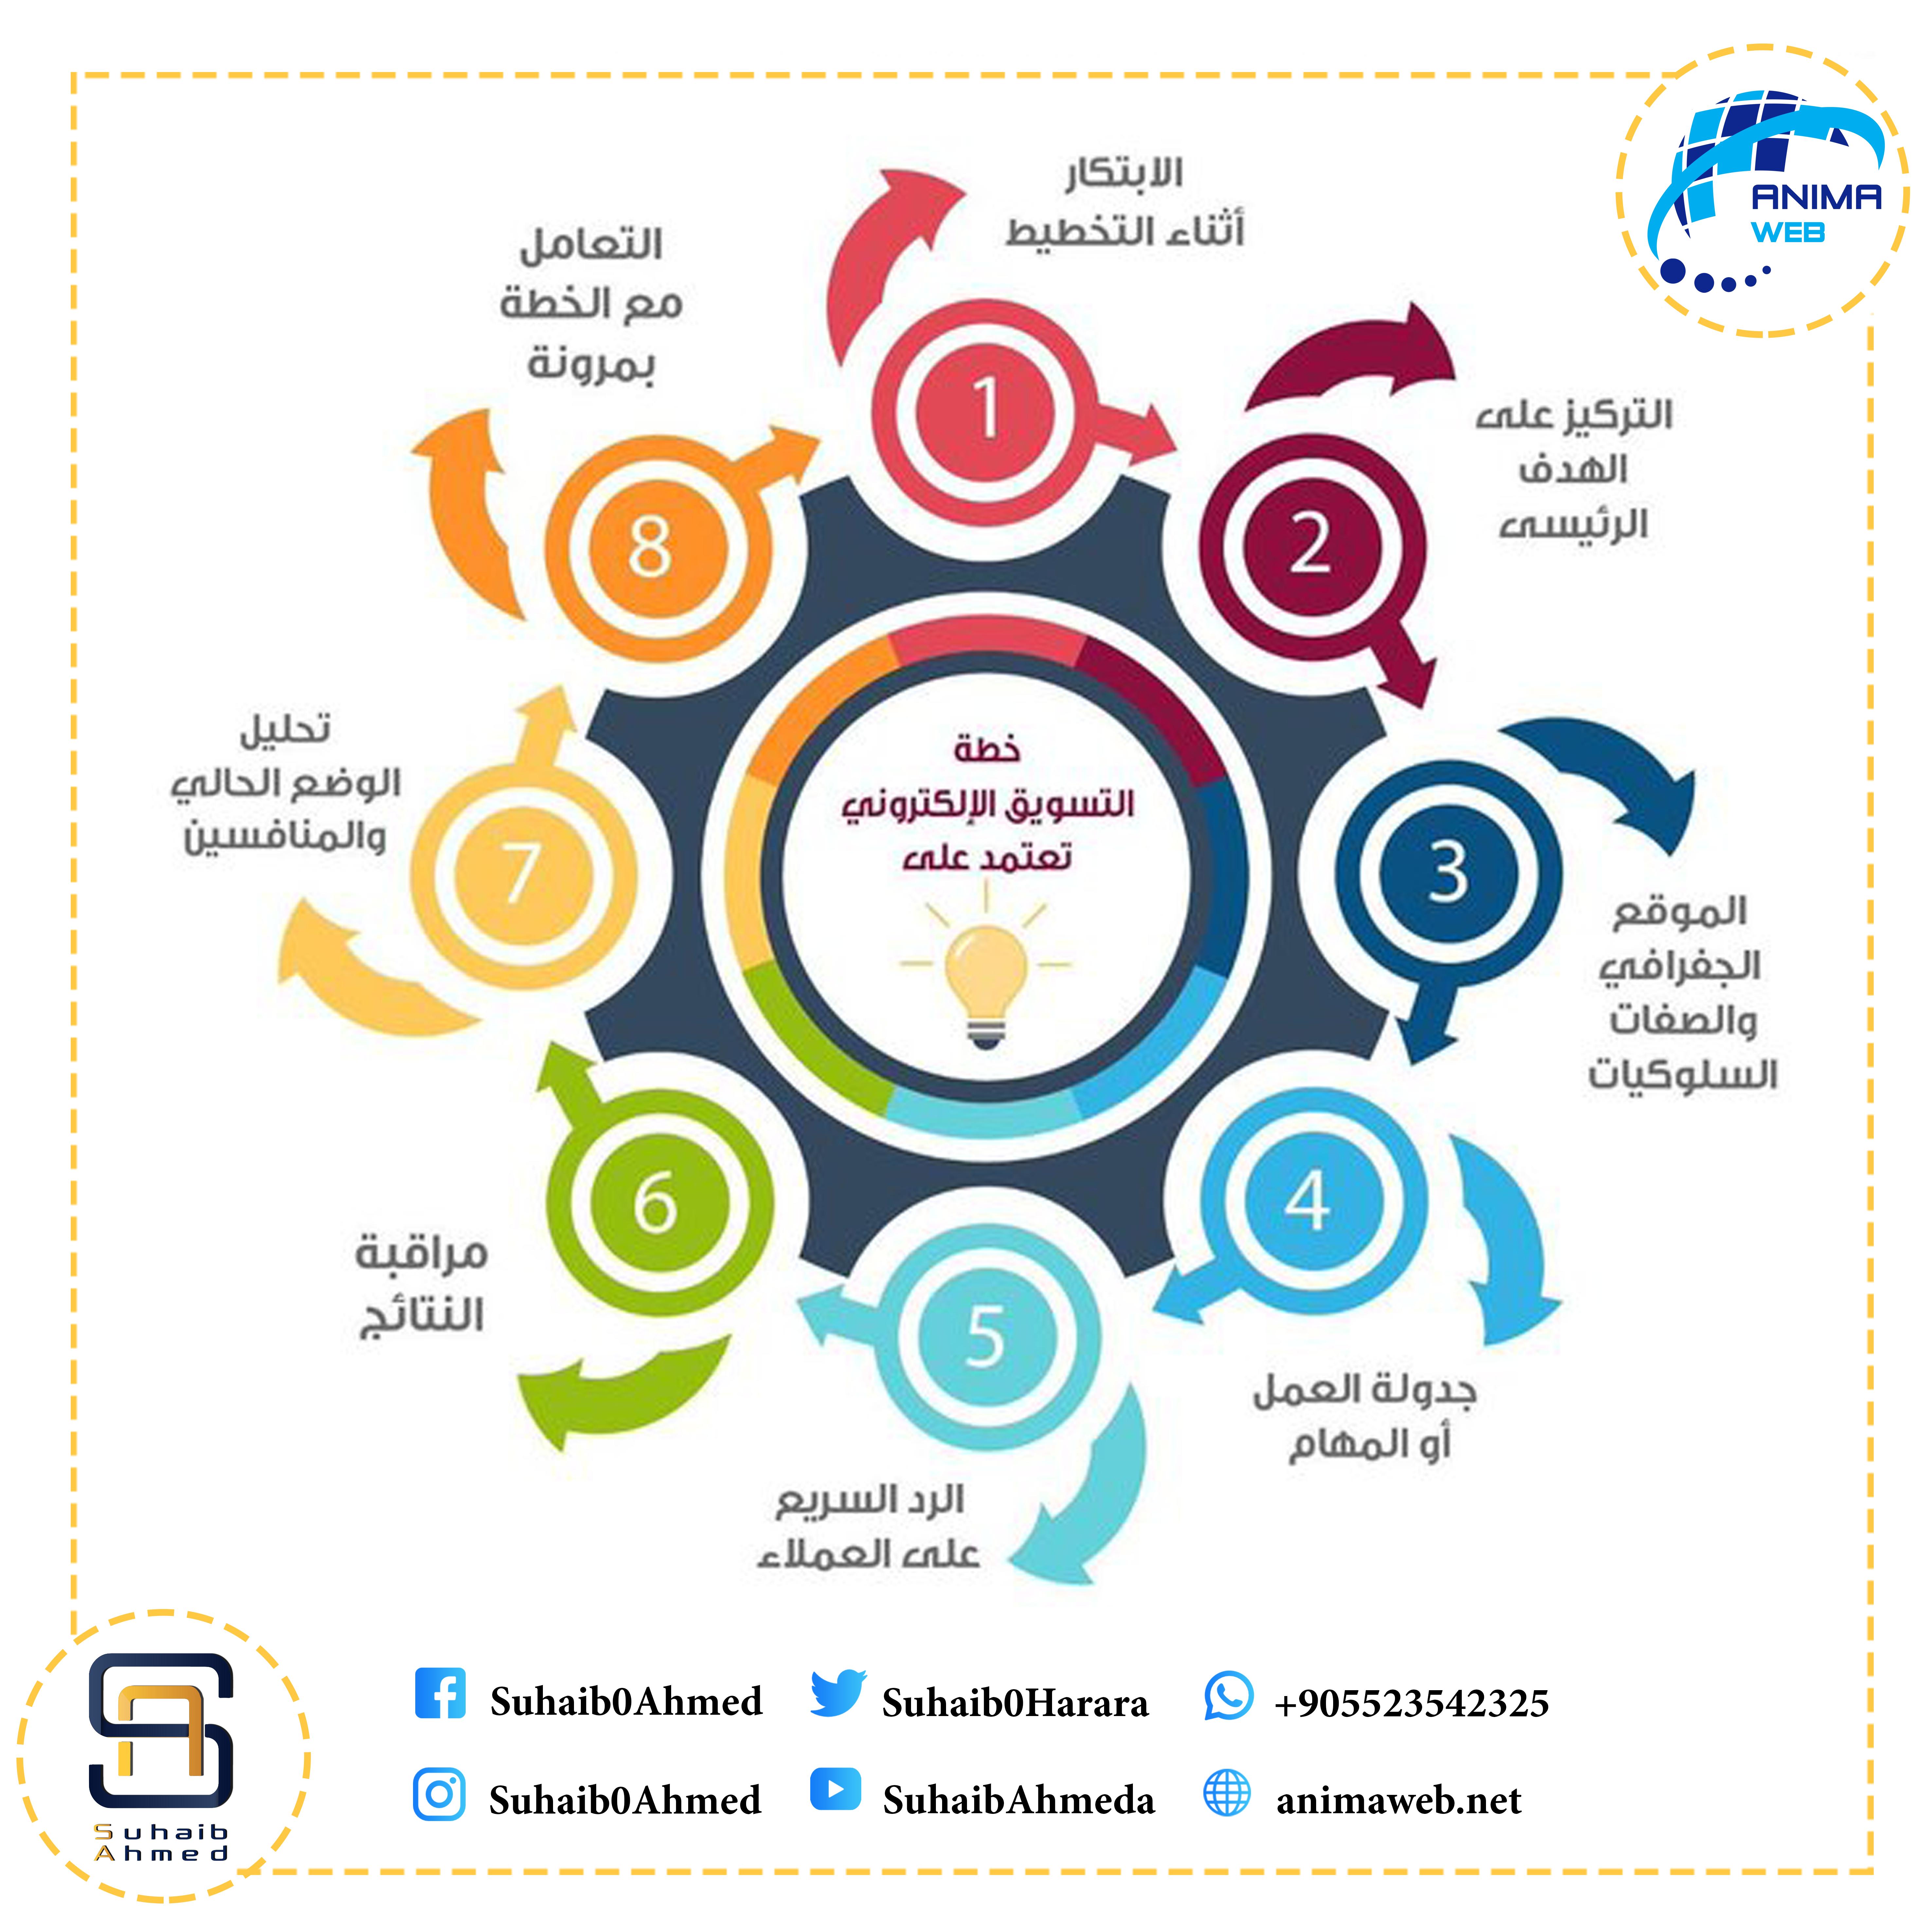 خطة التسويق الالكتروني تعتمد على الكثير من النقاط الهامة Marketing Strategy Social Media Instagram Marketing Digital Marketing